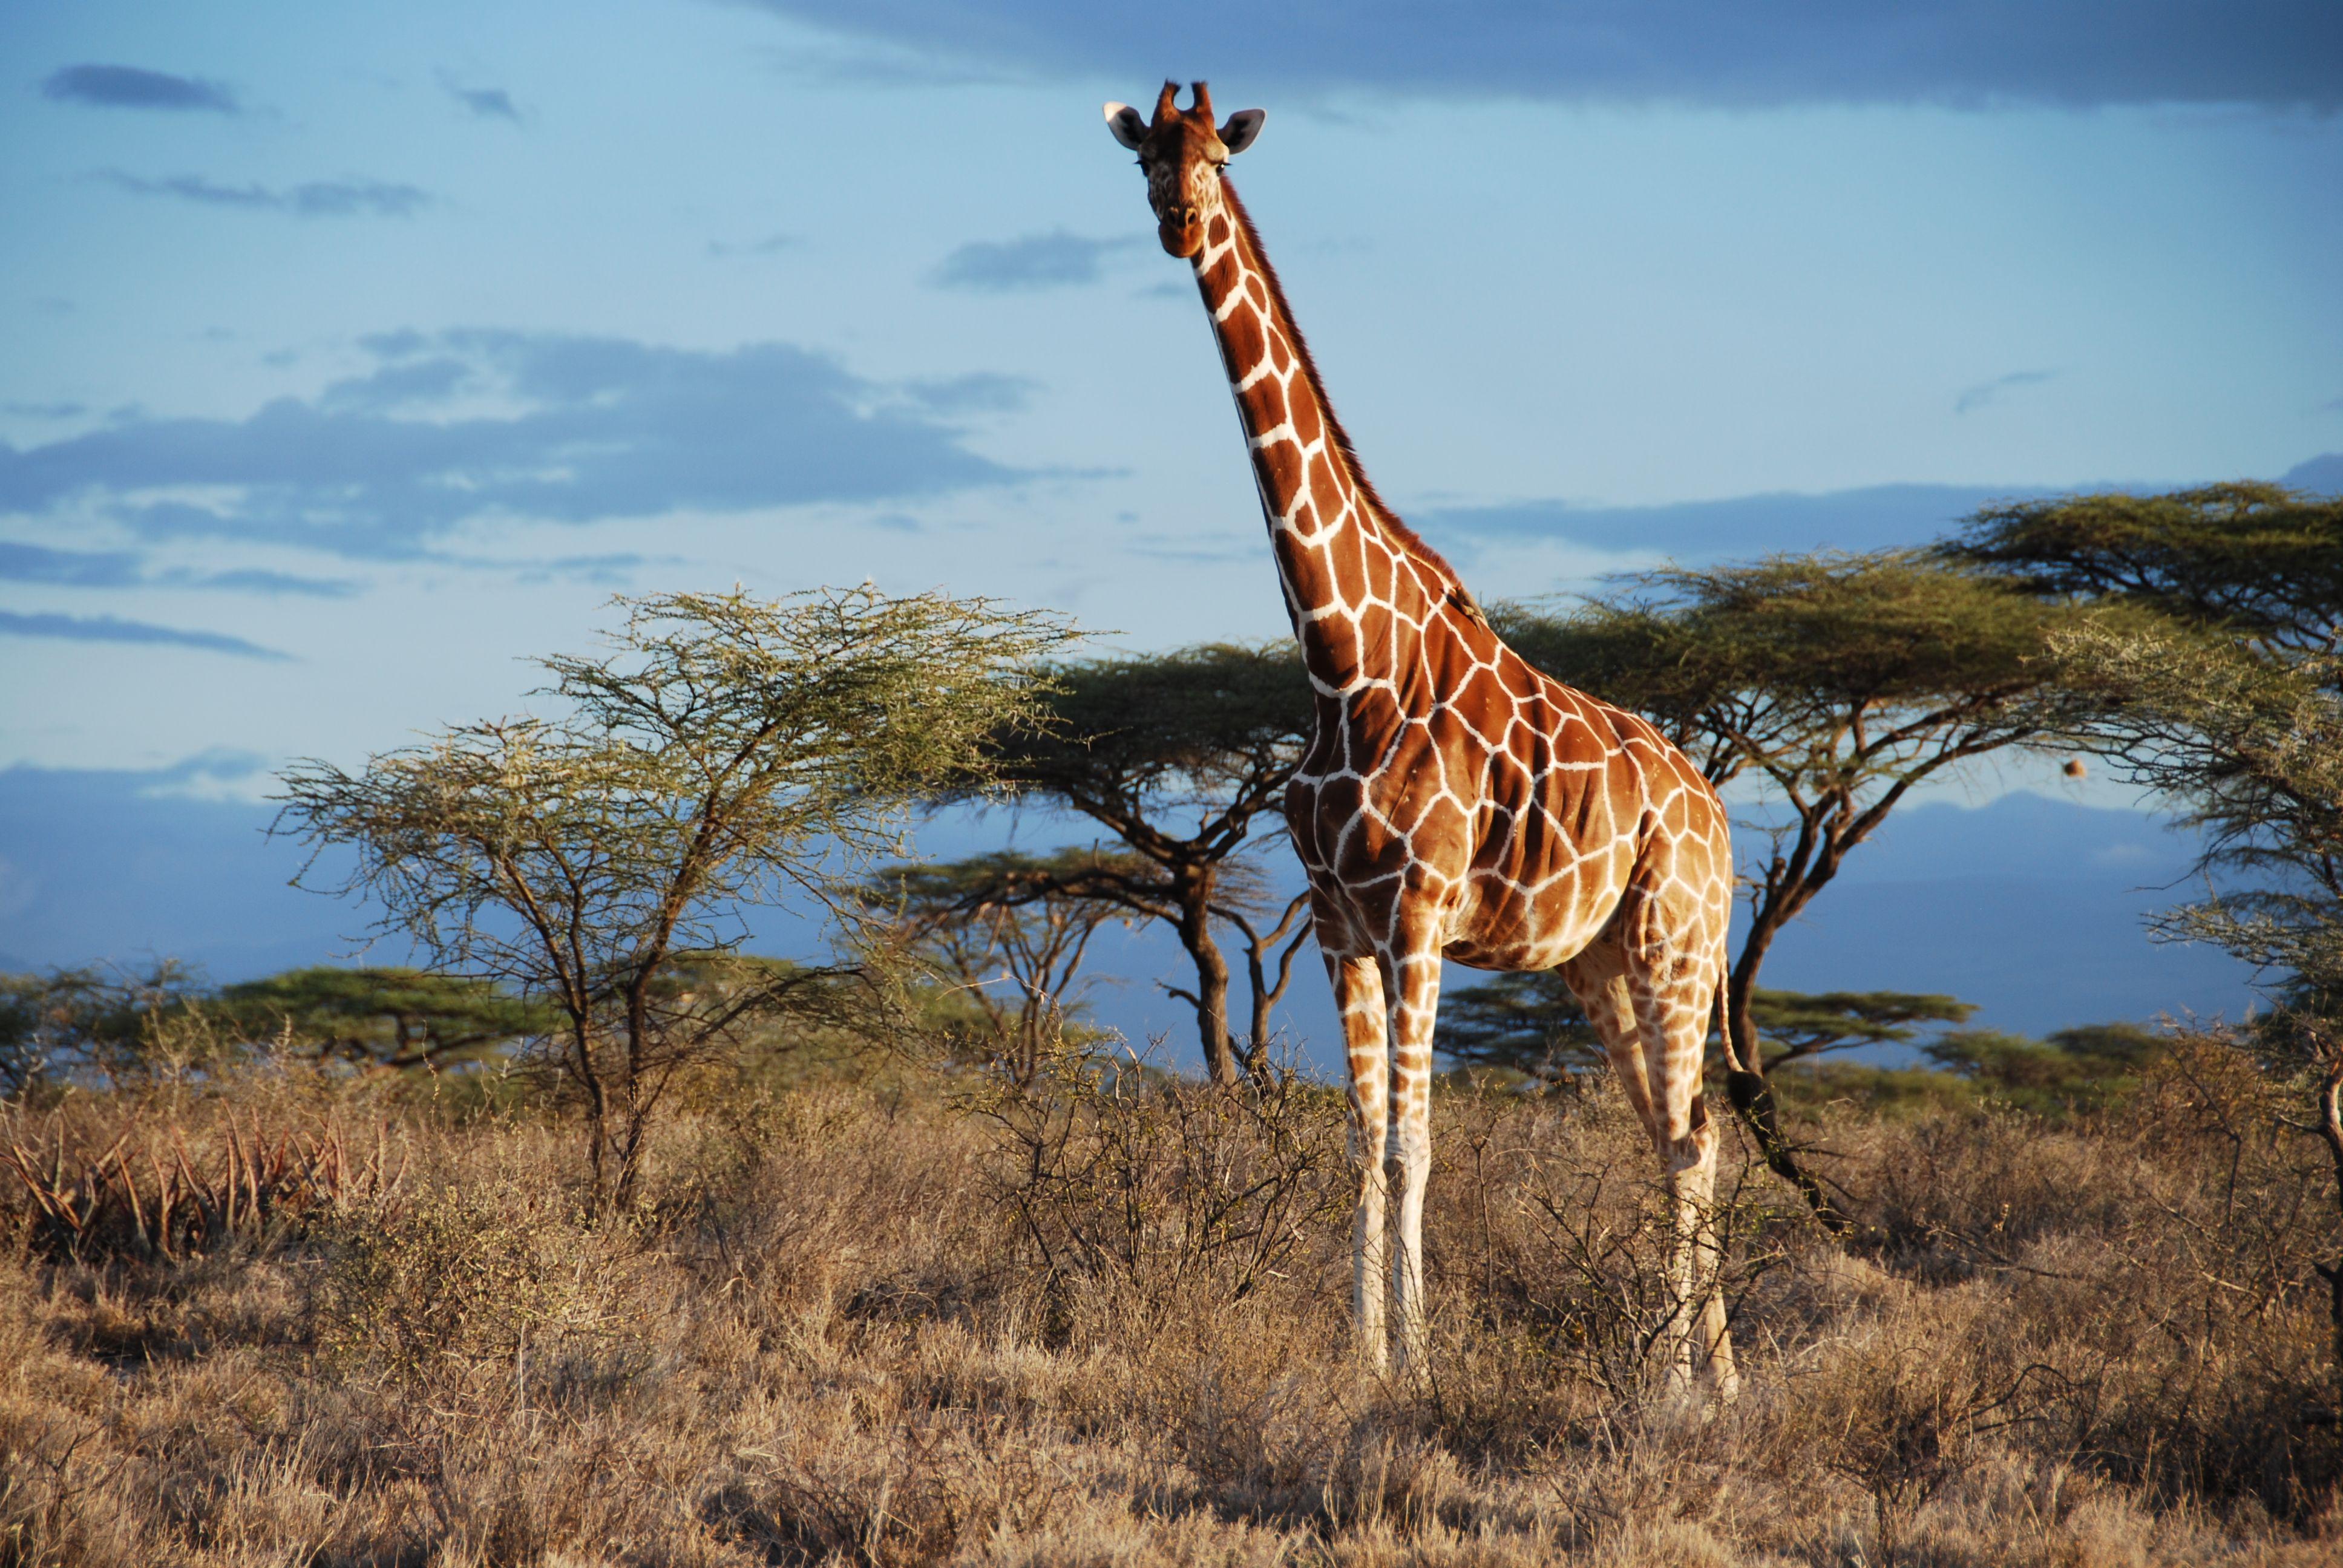 Giraffe 797233 Full HD Widescreen wallpapers for